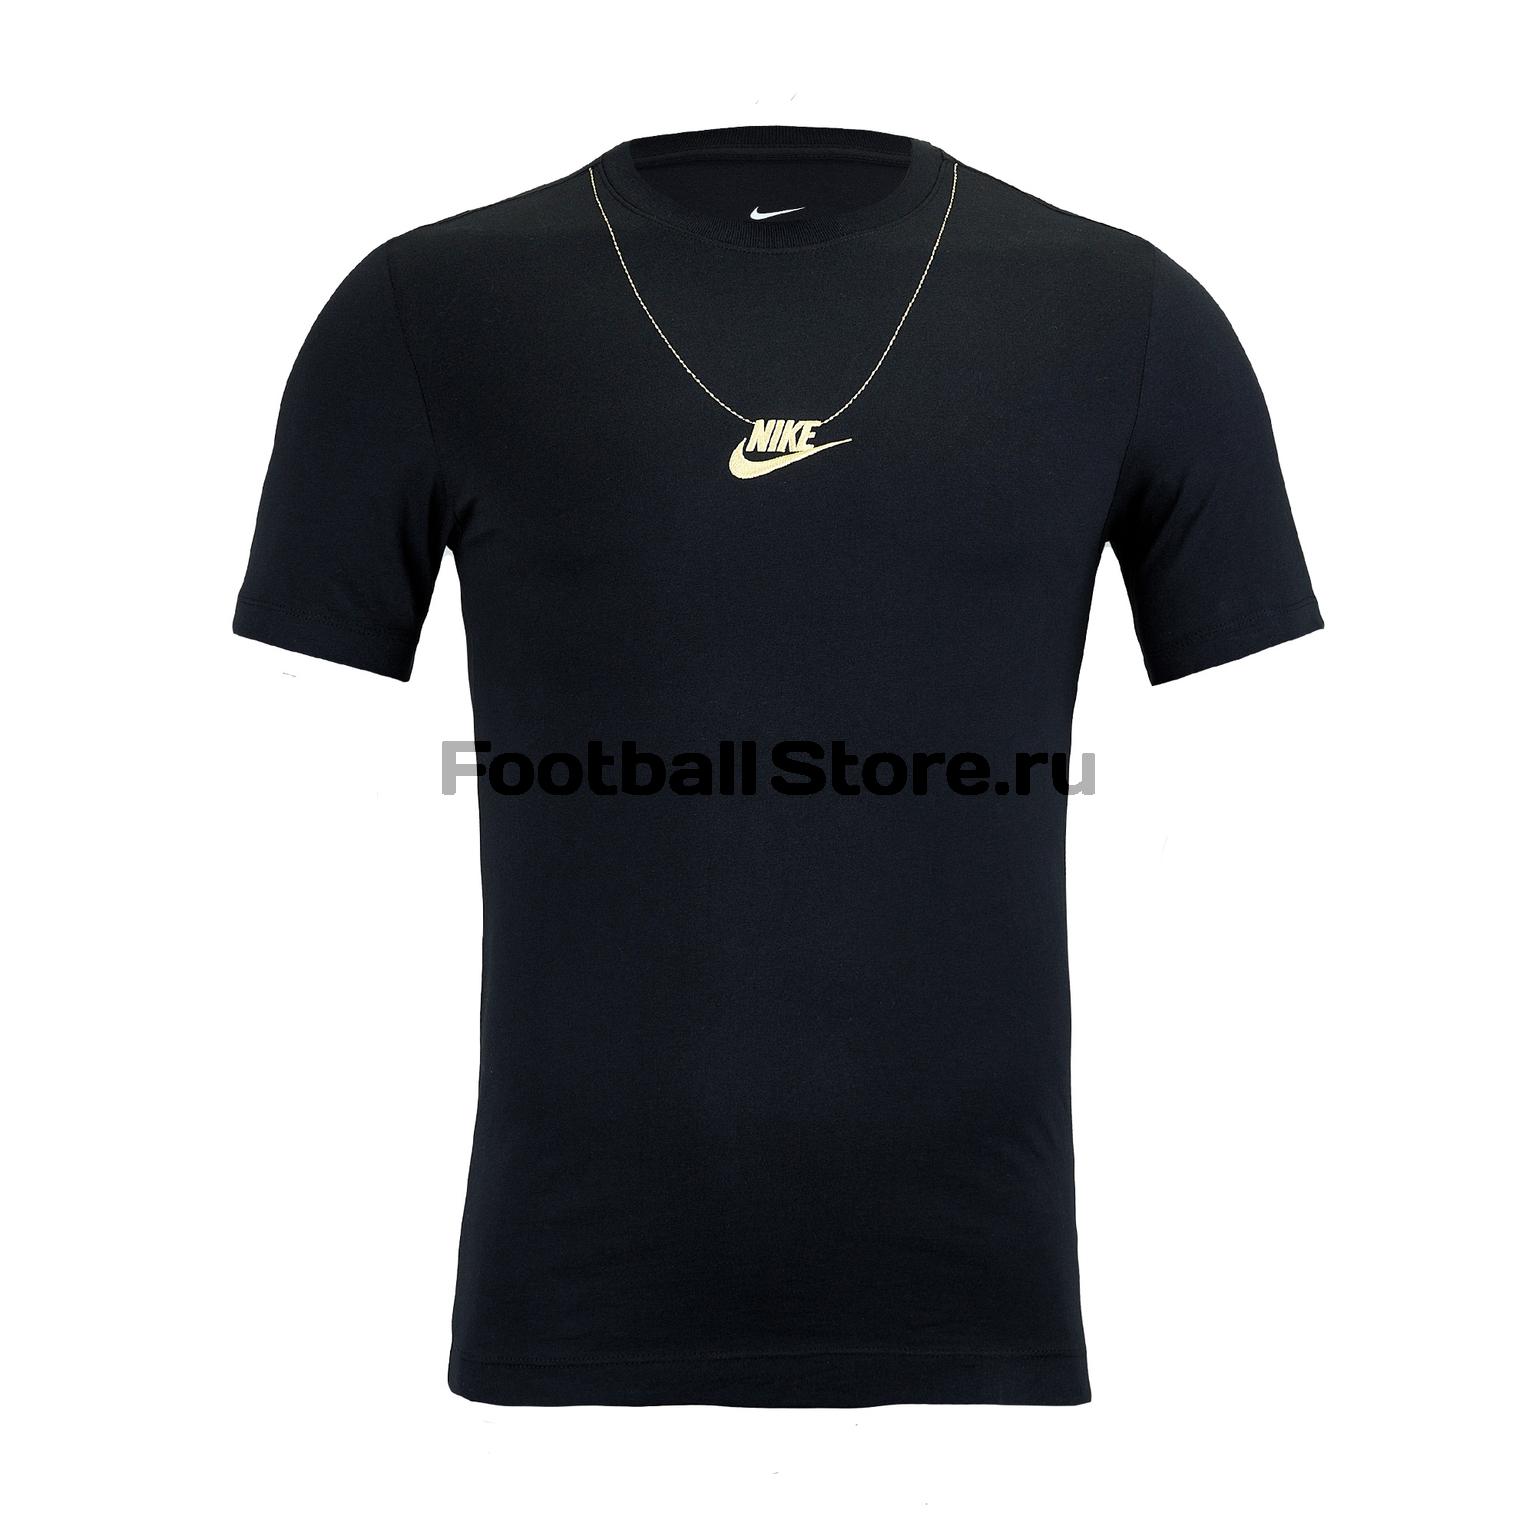 цена на Футболка хлопковая Nike Tee CJ7209-010